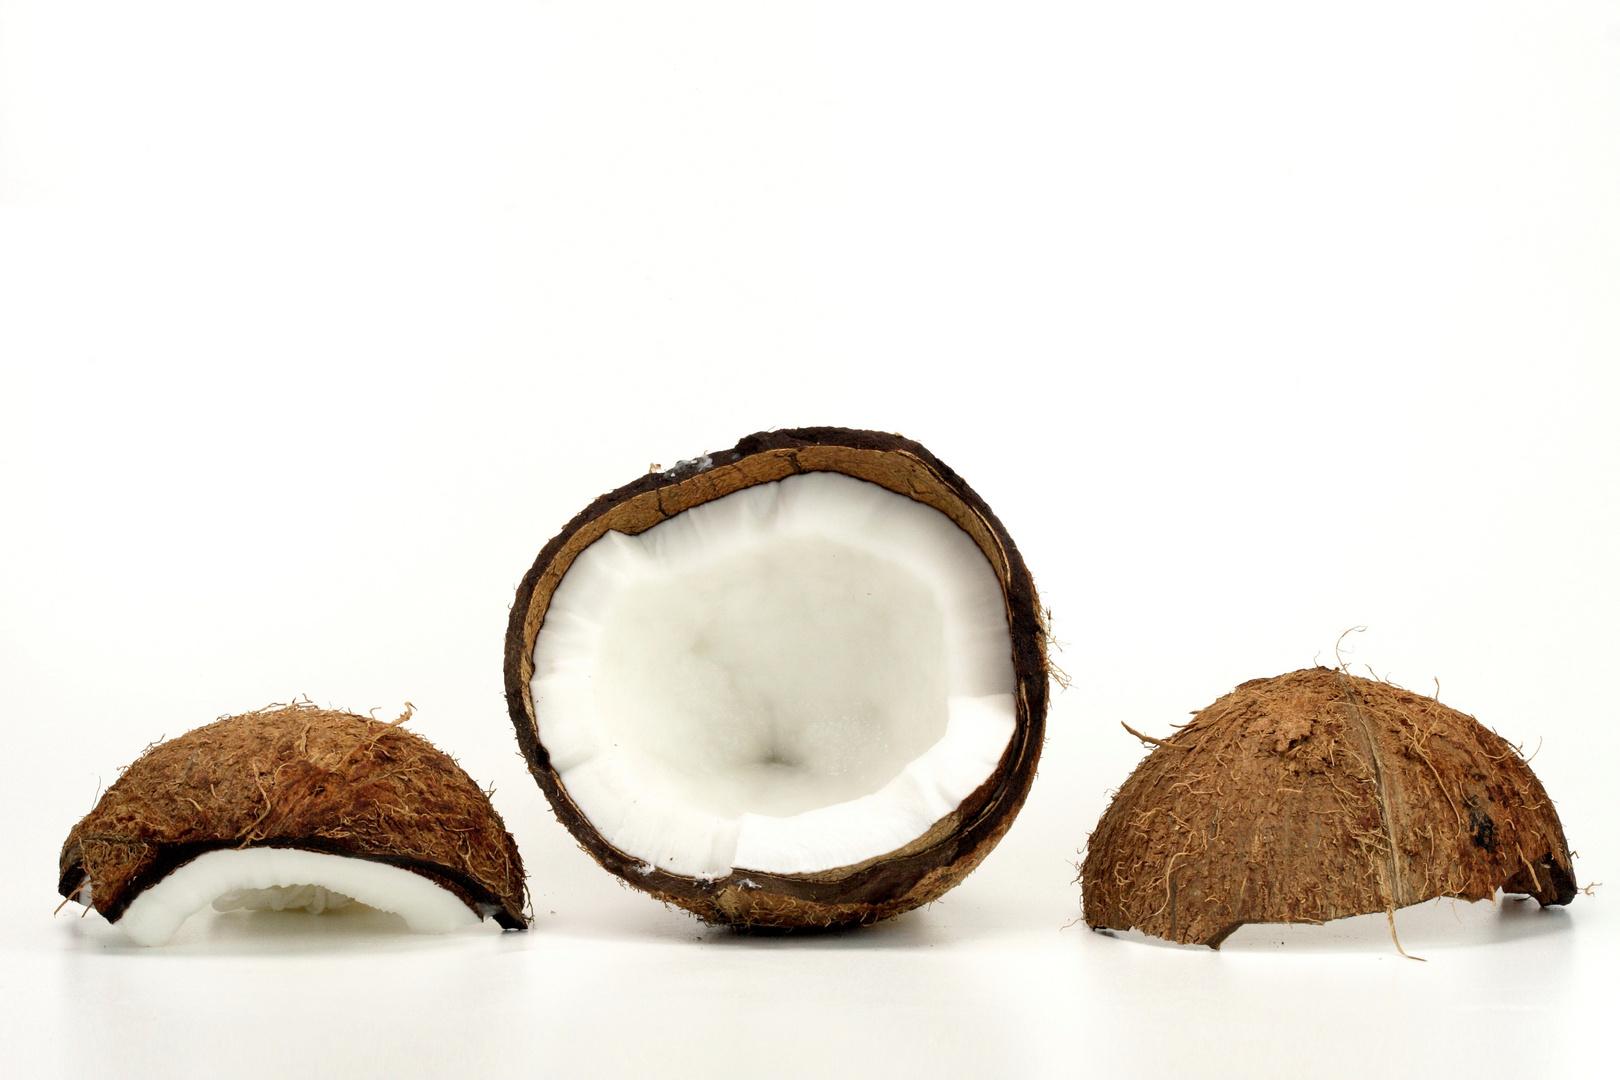 Kokosnuß f